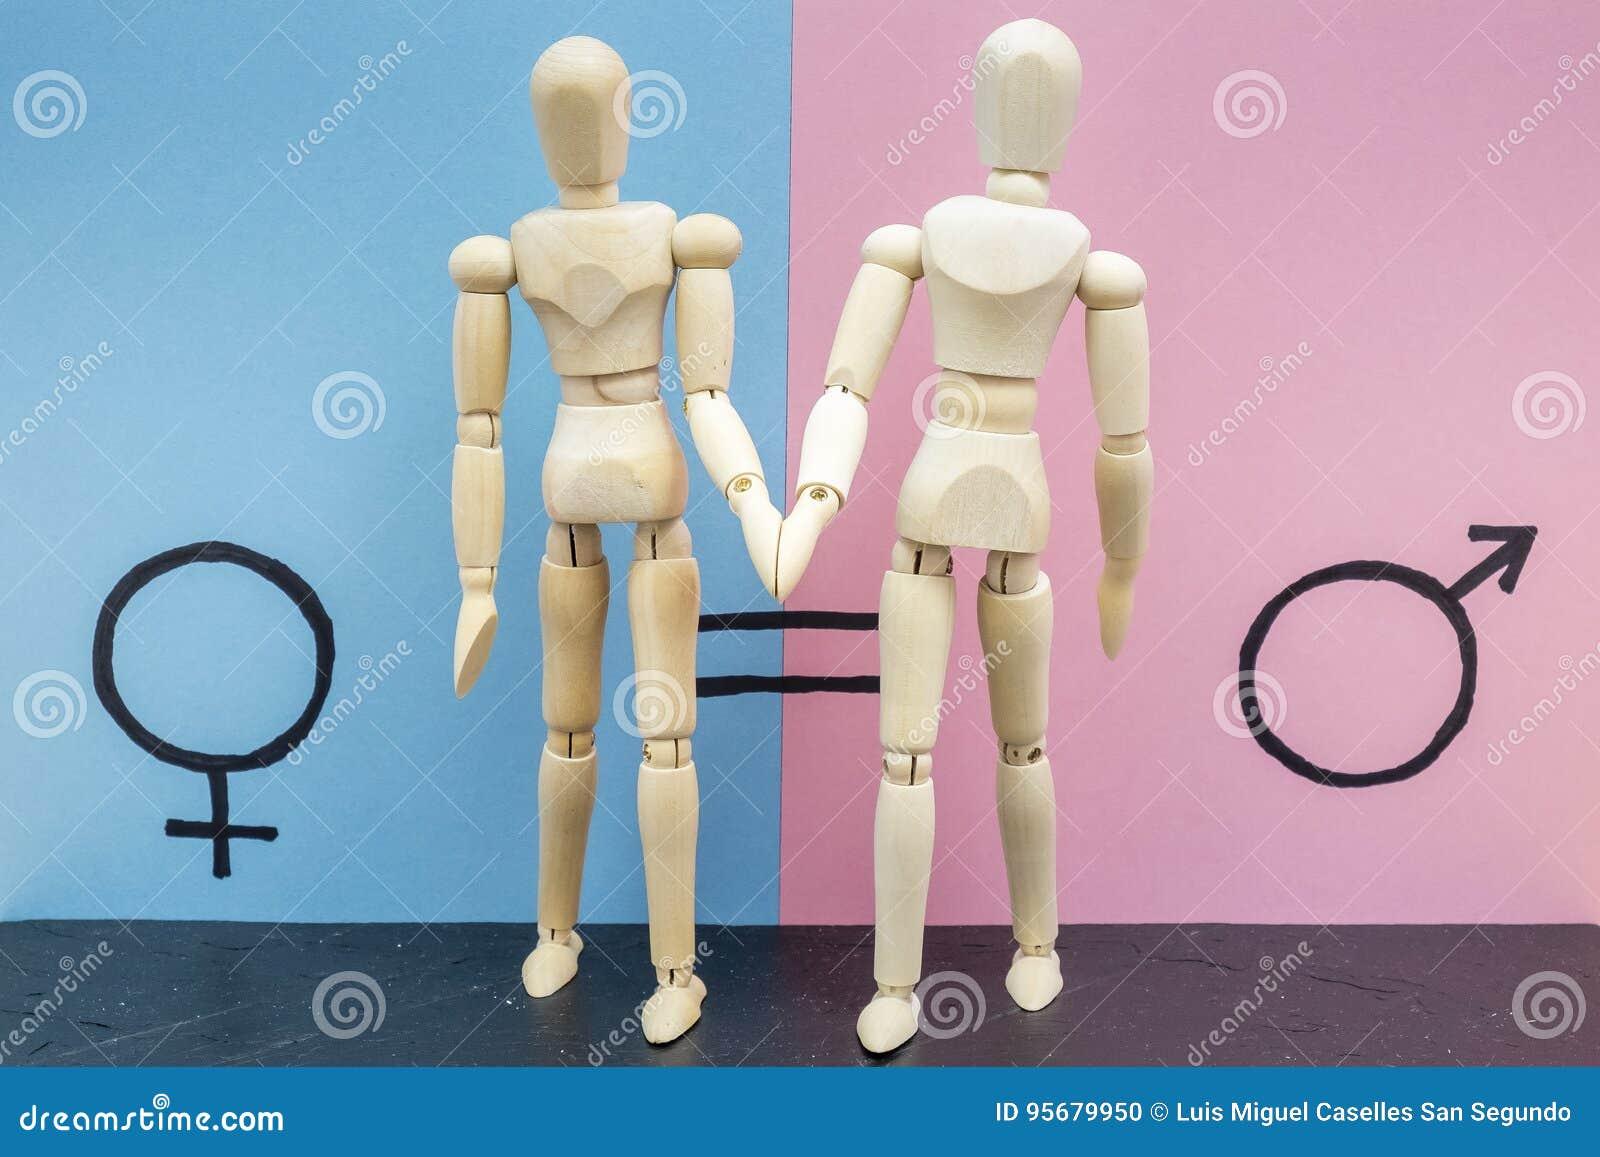 Symbool van gendergelijkheid